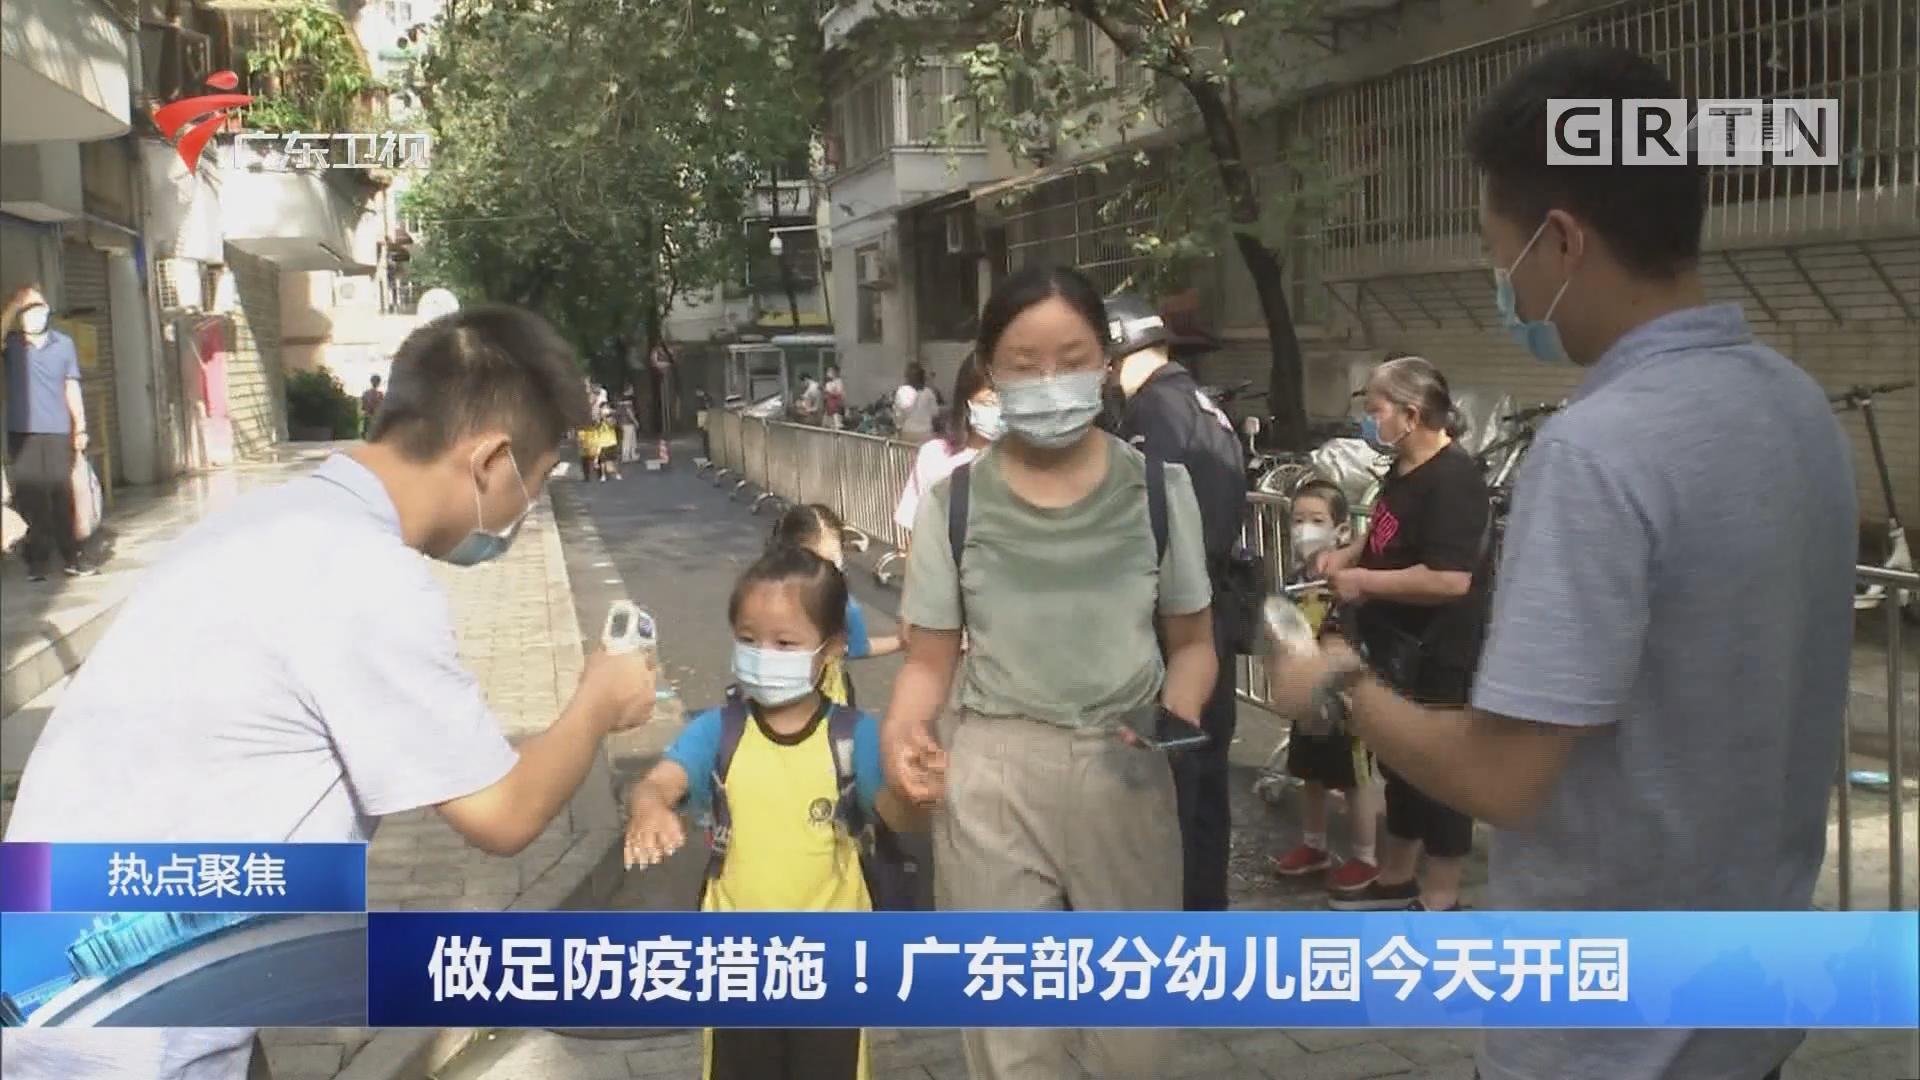 做足防疫措施!广东部分幼儿园今天开园